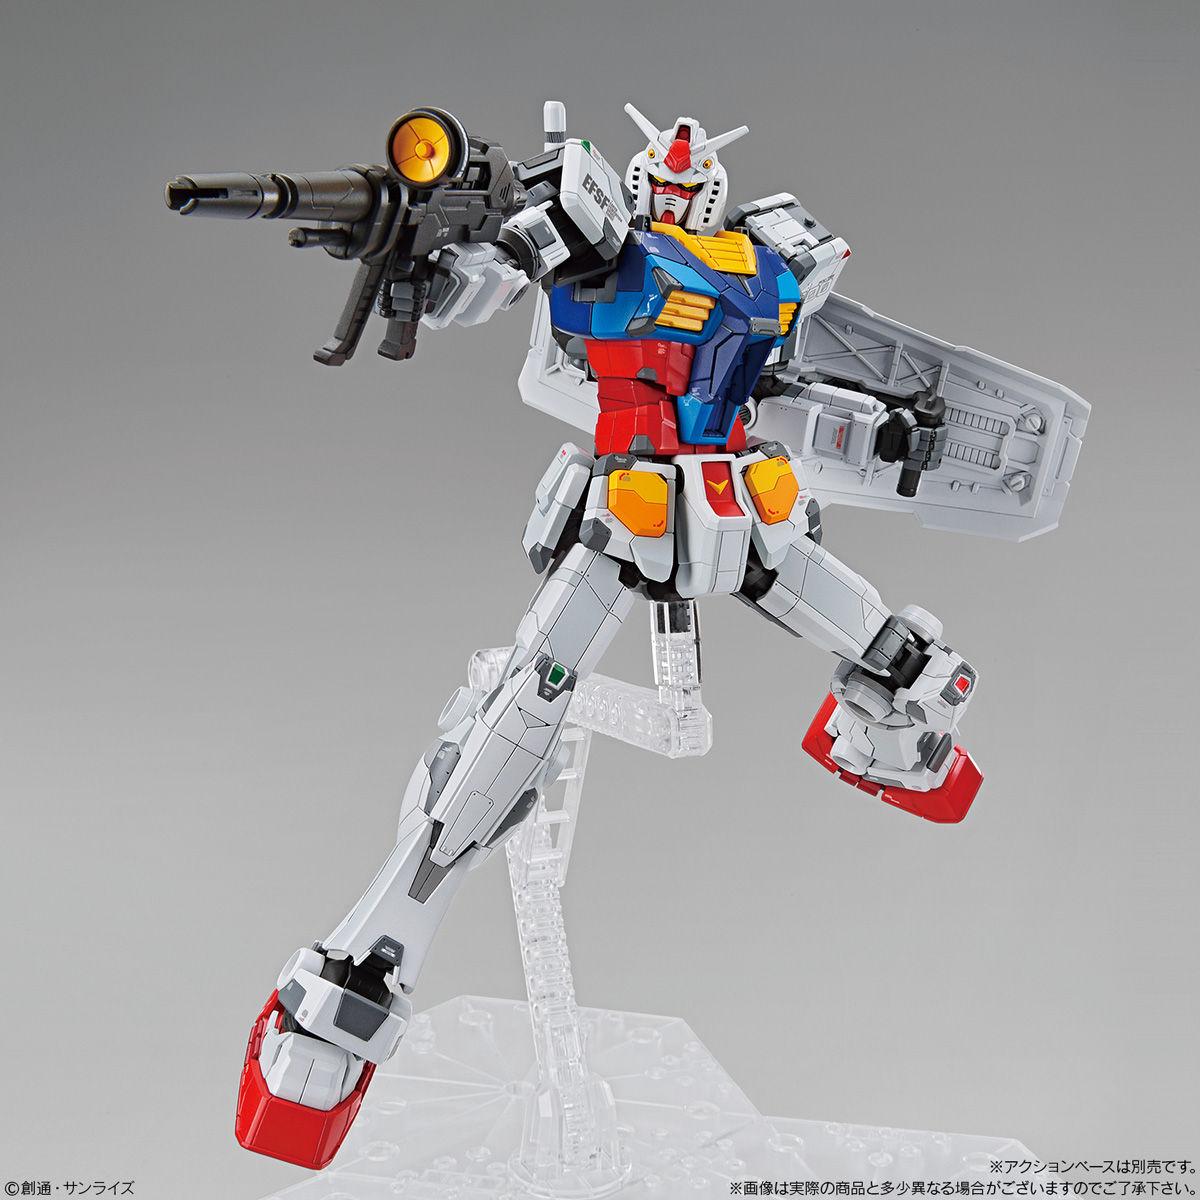 【先行販売】GUNDAM FACTORY YOKOHAMA『RX-78F00 ガンダム』1/100 プラモデル-004